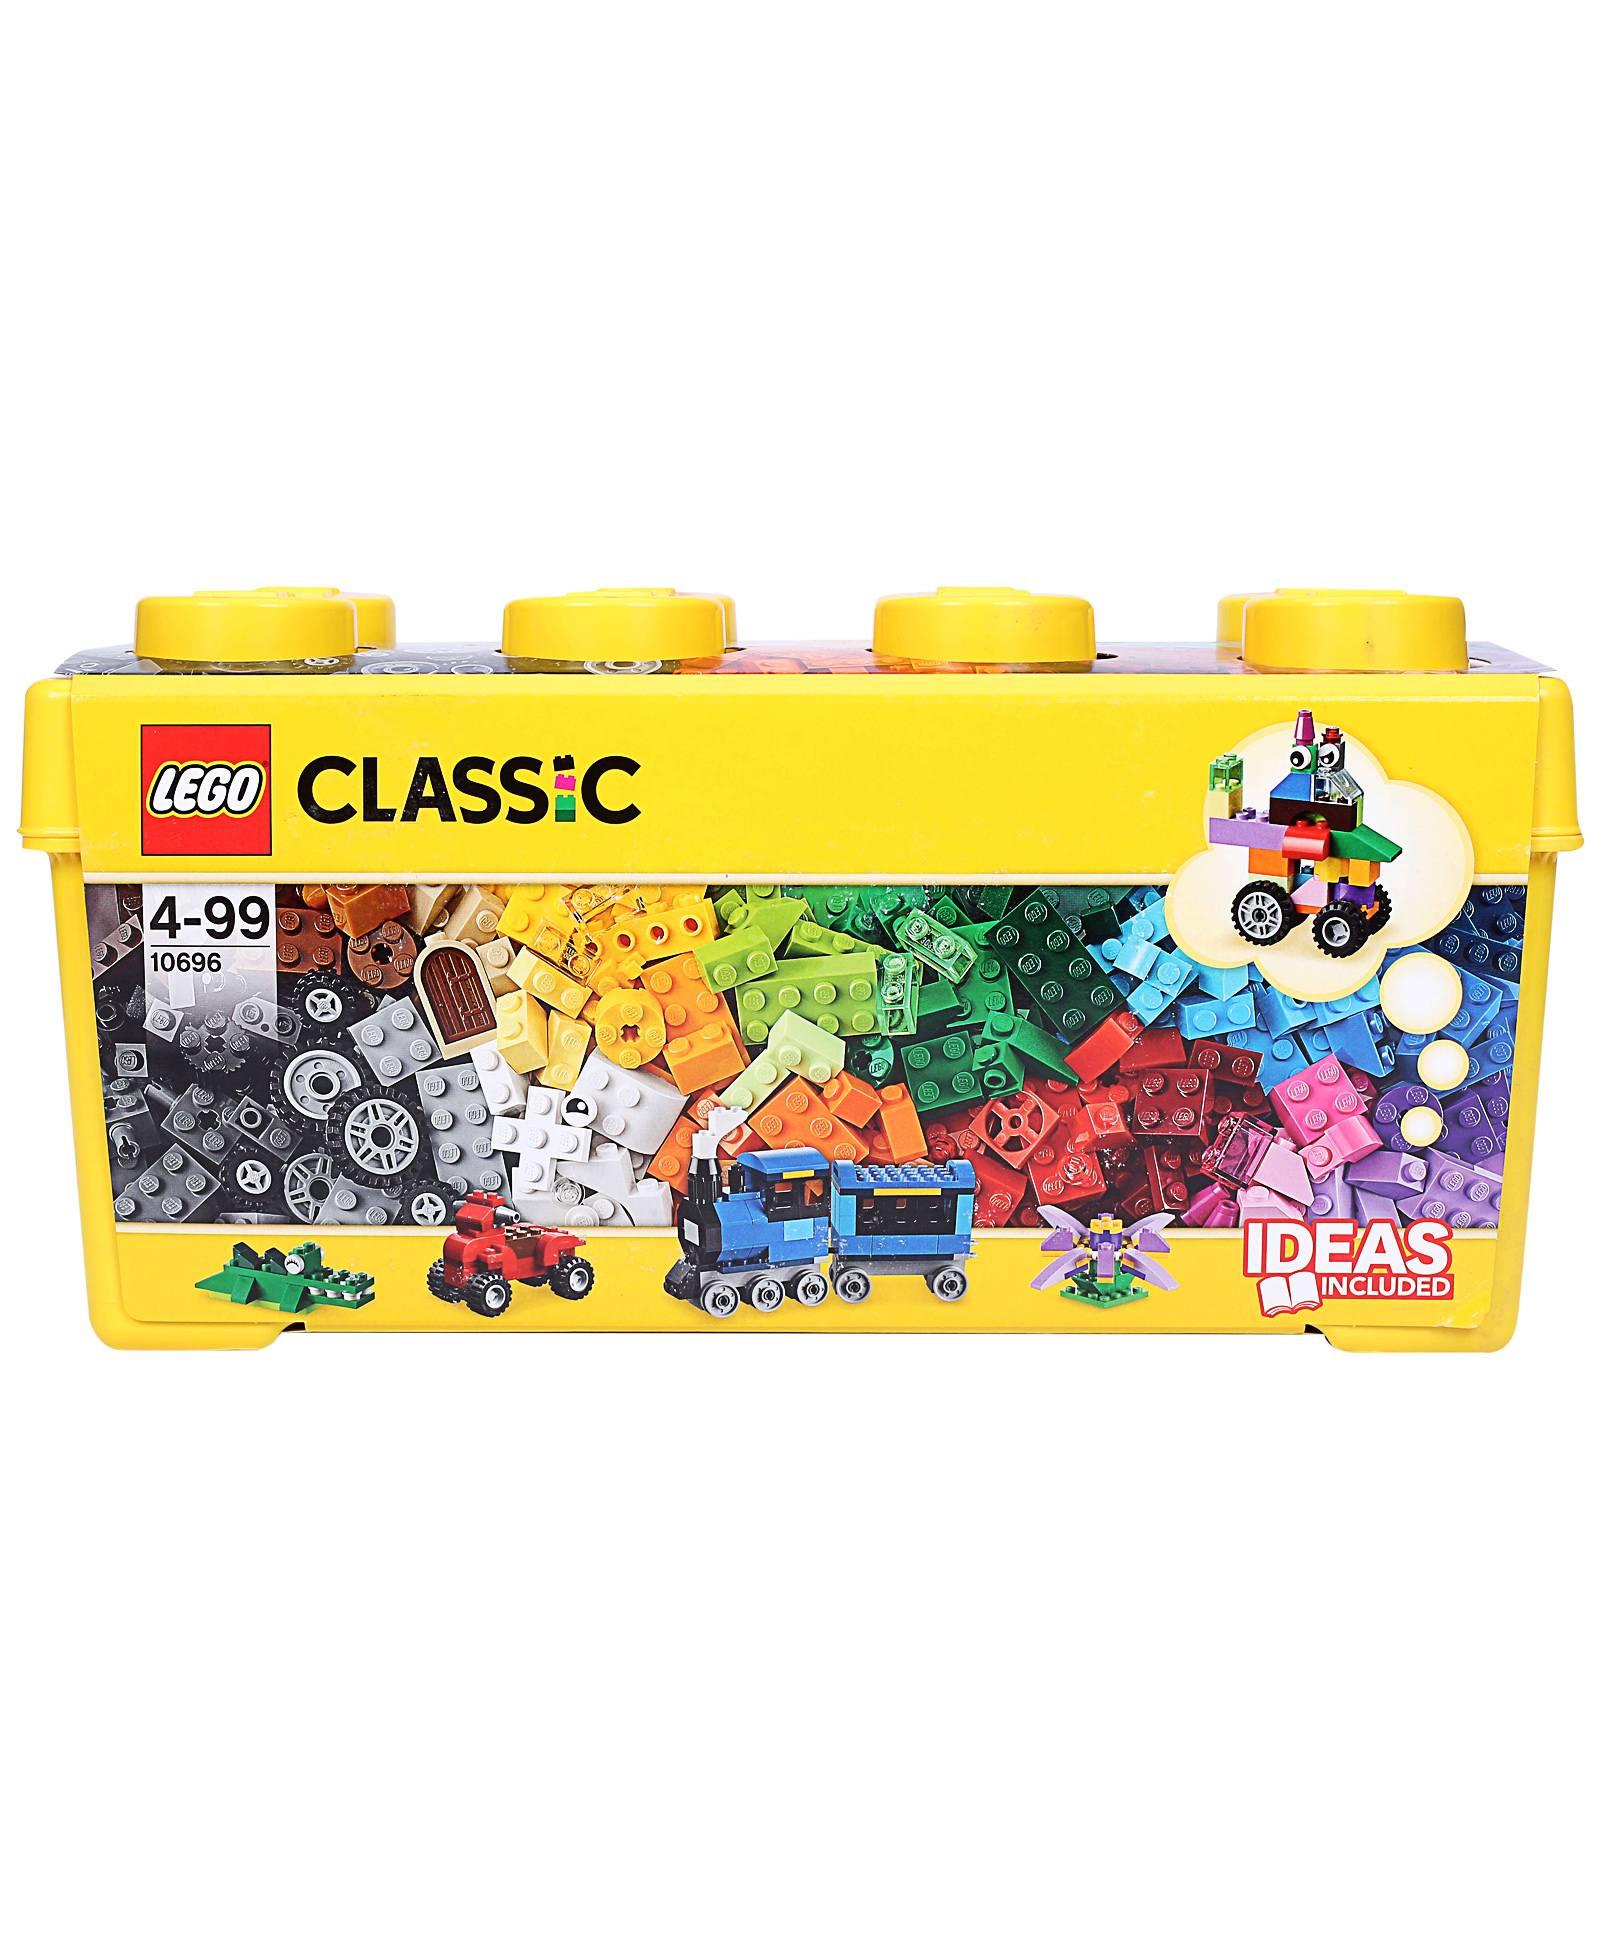 Lego Classic Medium Creative Brick Box - 484 Pieces